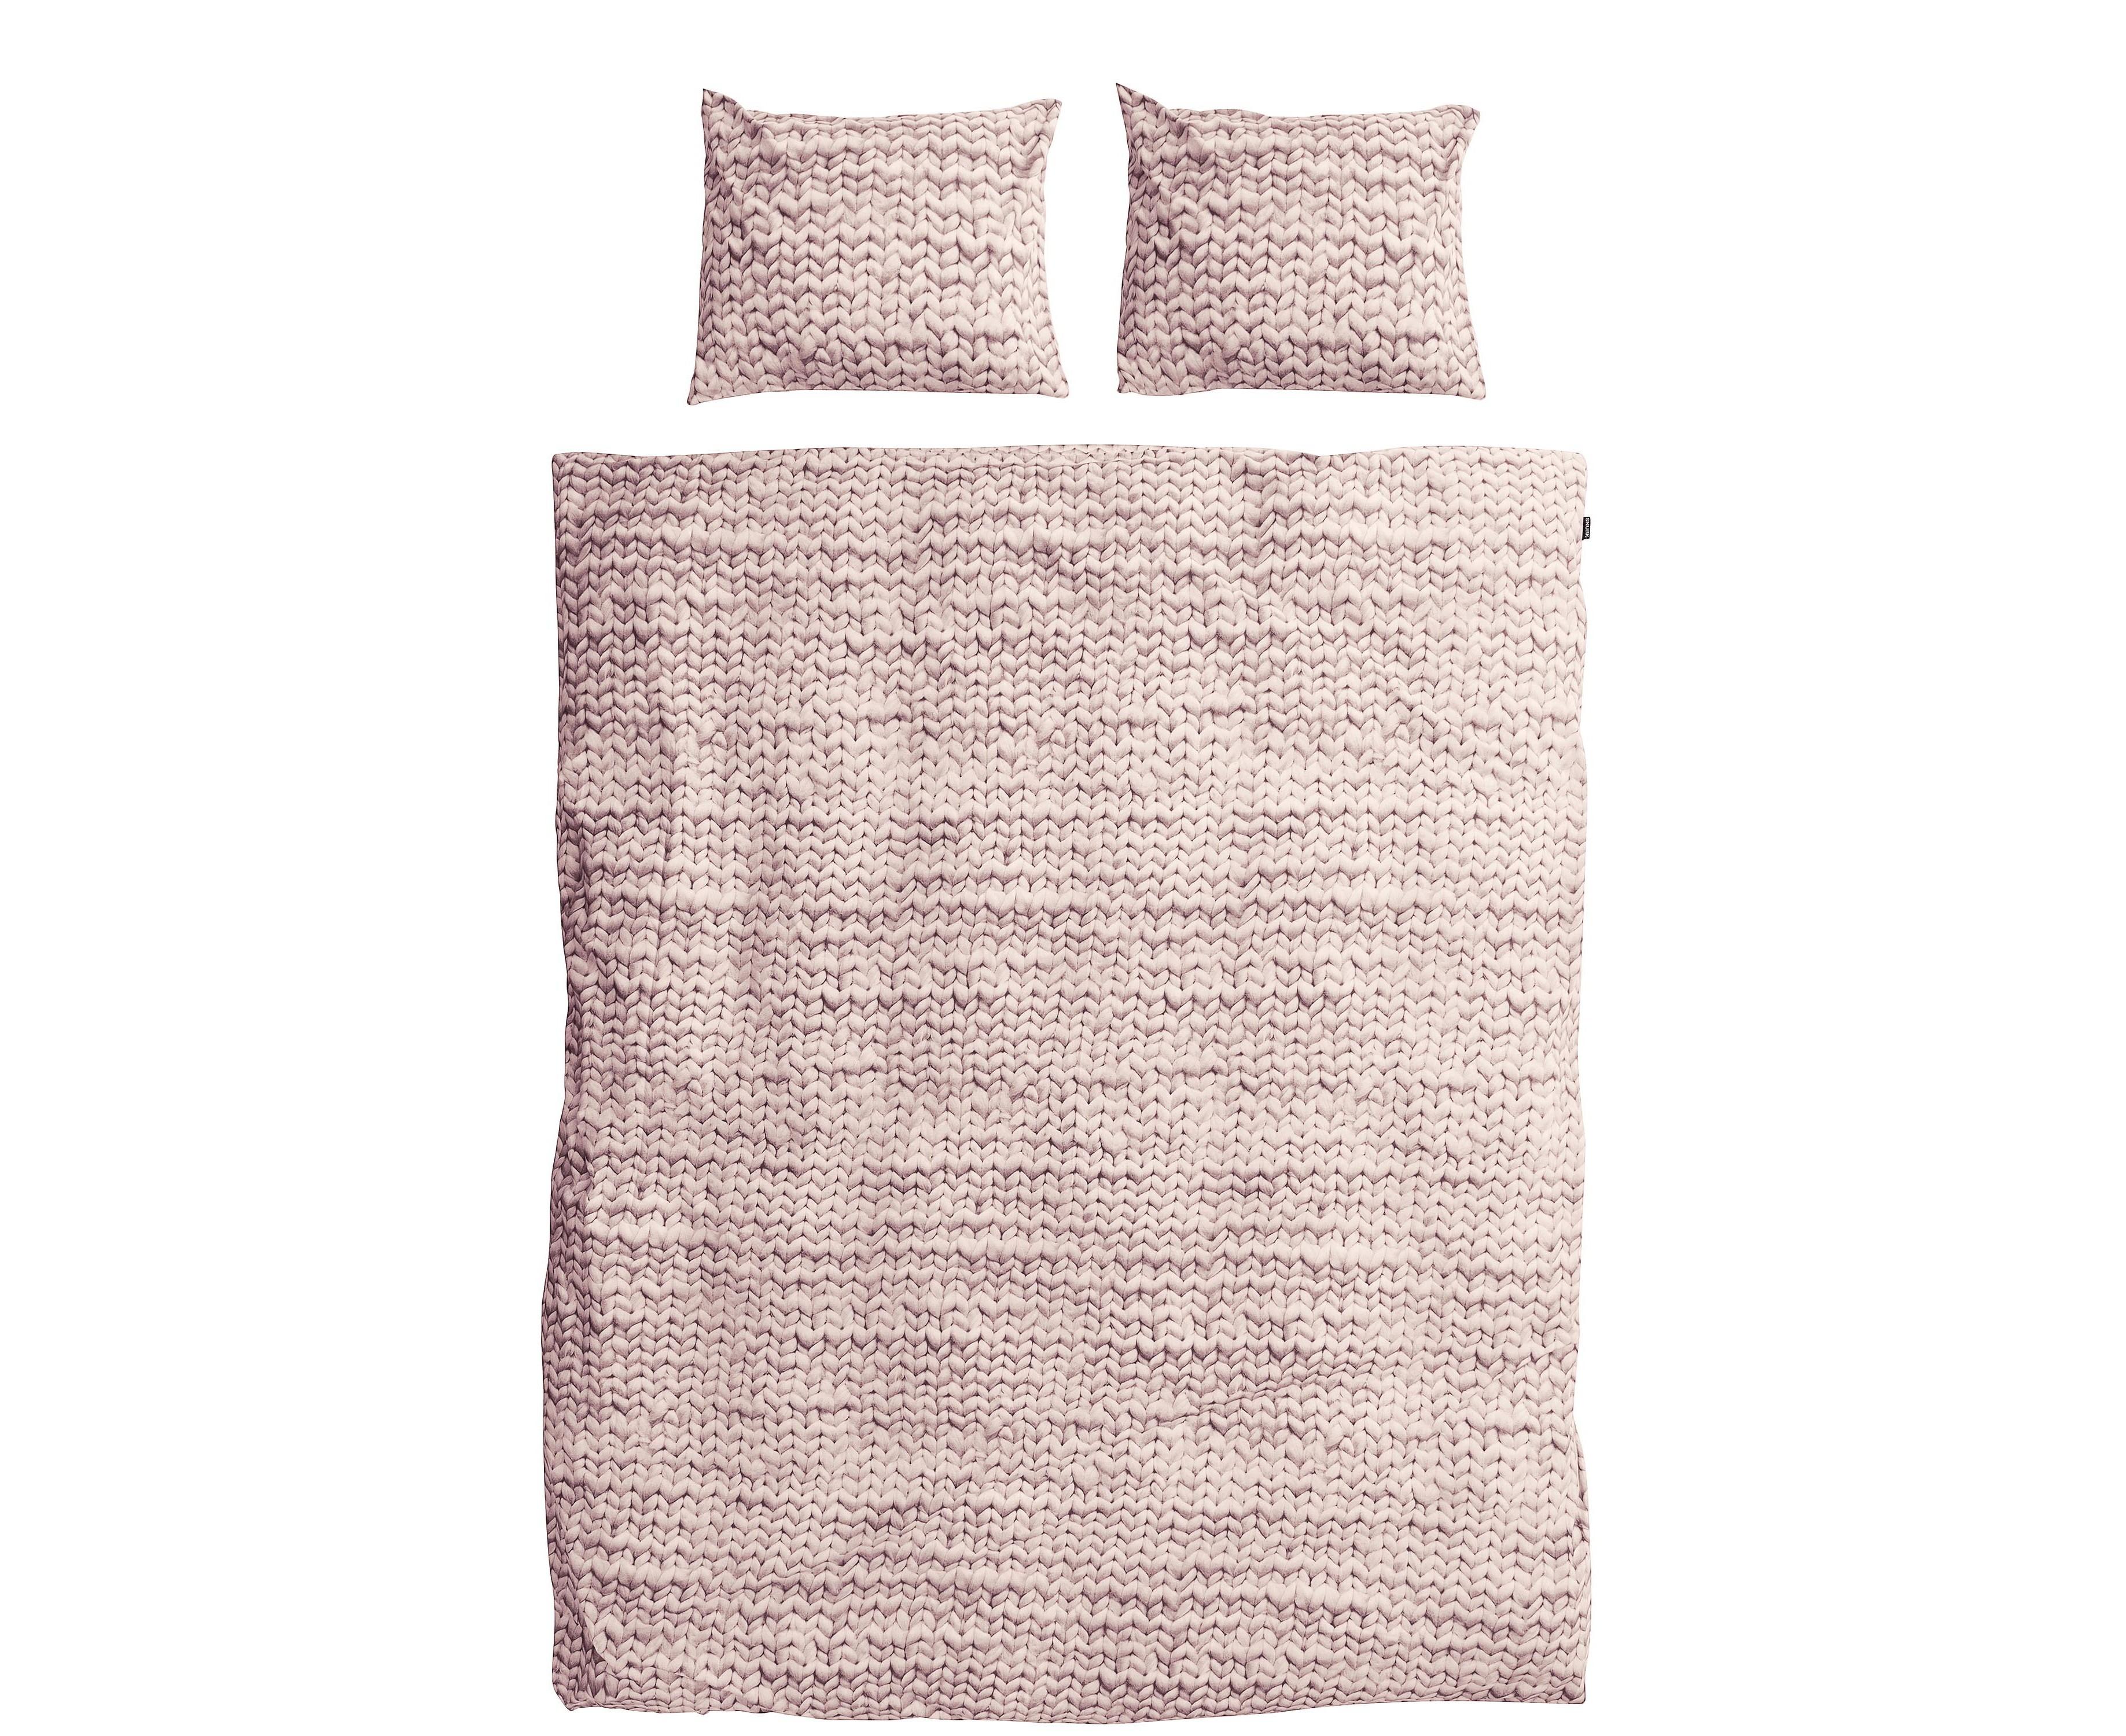 Комплект постельного белья Косичка розовый ФЛАНЕЛЬДвуспальные комплекты постельного белья<br>Этот мягкий узор связан очень большими спицами, а клубки шерсти были размером с баскетбольные мячи. Все для того, чтобы внести уют и тепло в вашу спальню в холодные зимние ночи.&amp;amp;nbsp;&amp;lt;div&amp;gt;&amp;lt;br&amp;gt;&amp;lt;/div&amp;gt;&amp;lt;div&amp;gt;Материал: ФЛАНЕЛЬ  .&amp;amp;nbsp;&amp;lt;div&amp;gt;&amp;lt;span style=&amp;quot;line-height: 1.78571;&amp;quot;&amp;gt;В комплект входит: пододеяльник 200х220см - 1 шт, наволочка 50х70см - 2 шт.&amp;lt;/span&amp;gt;&amp;lt;br&amp;gt;&amp;lt;/div&amp;gt;&amp;lt;/div&amp;gt;<br><br>Material: Текстиль<br>Length см: 220<br>Width см: 200